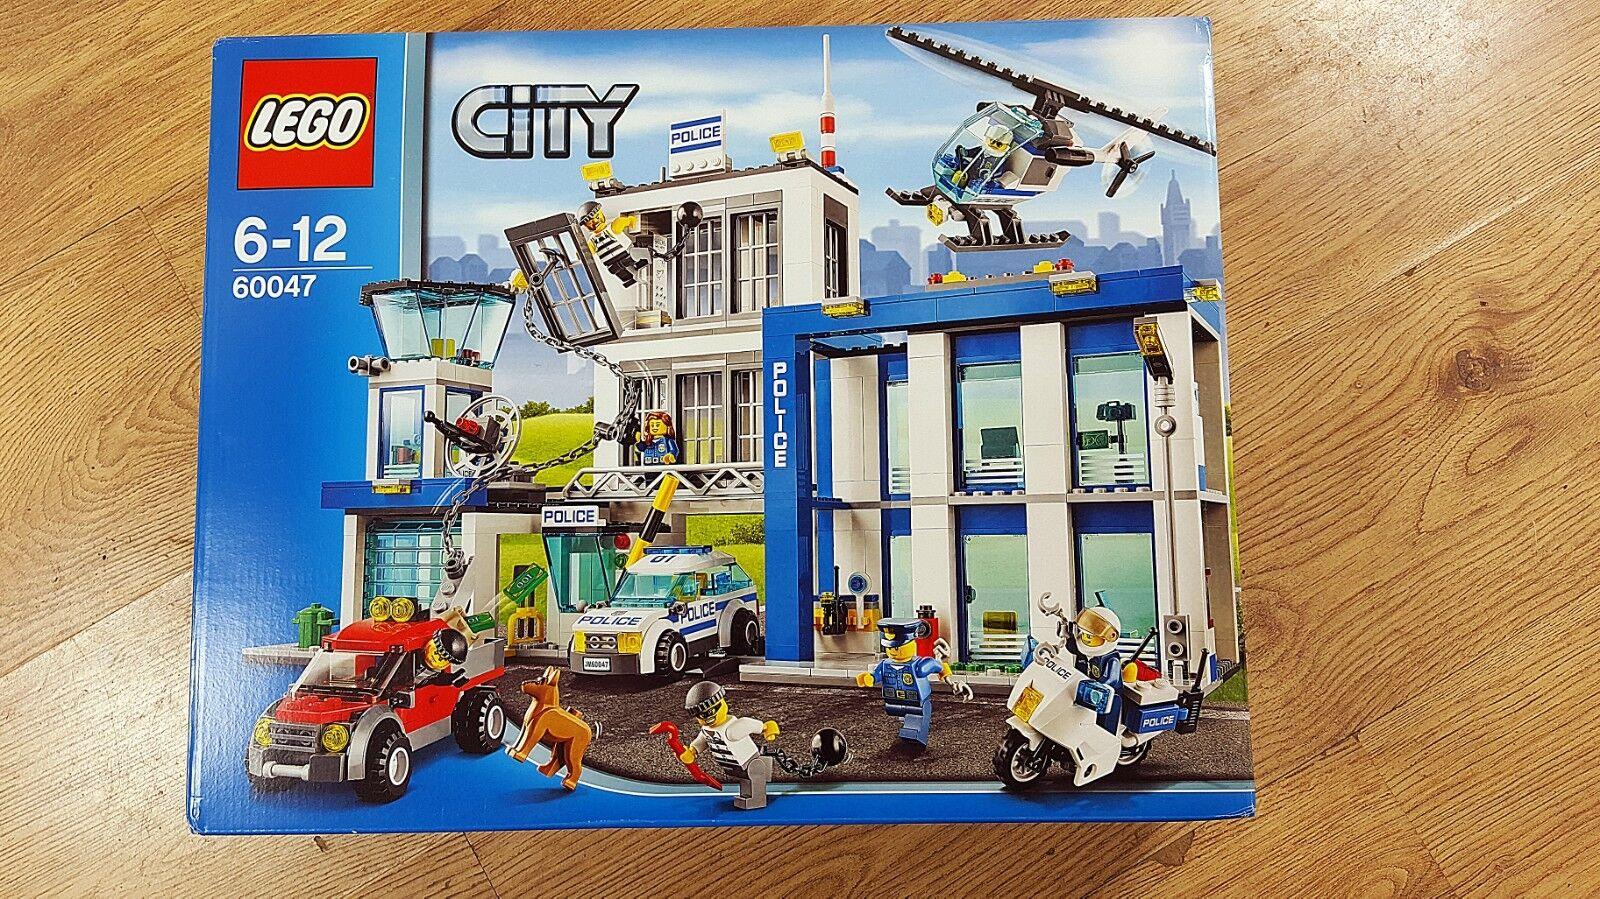 LEGO City 6047 Polis Station från 2014Nytt, öppet, bra villkor